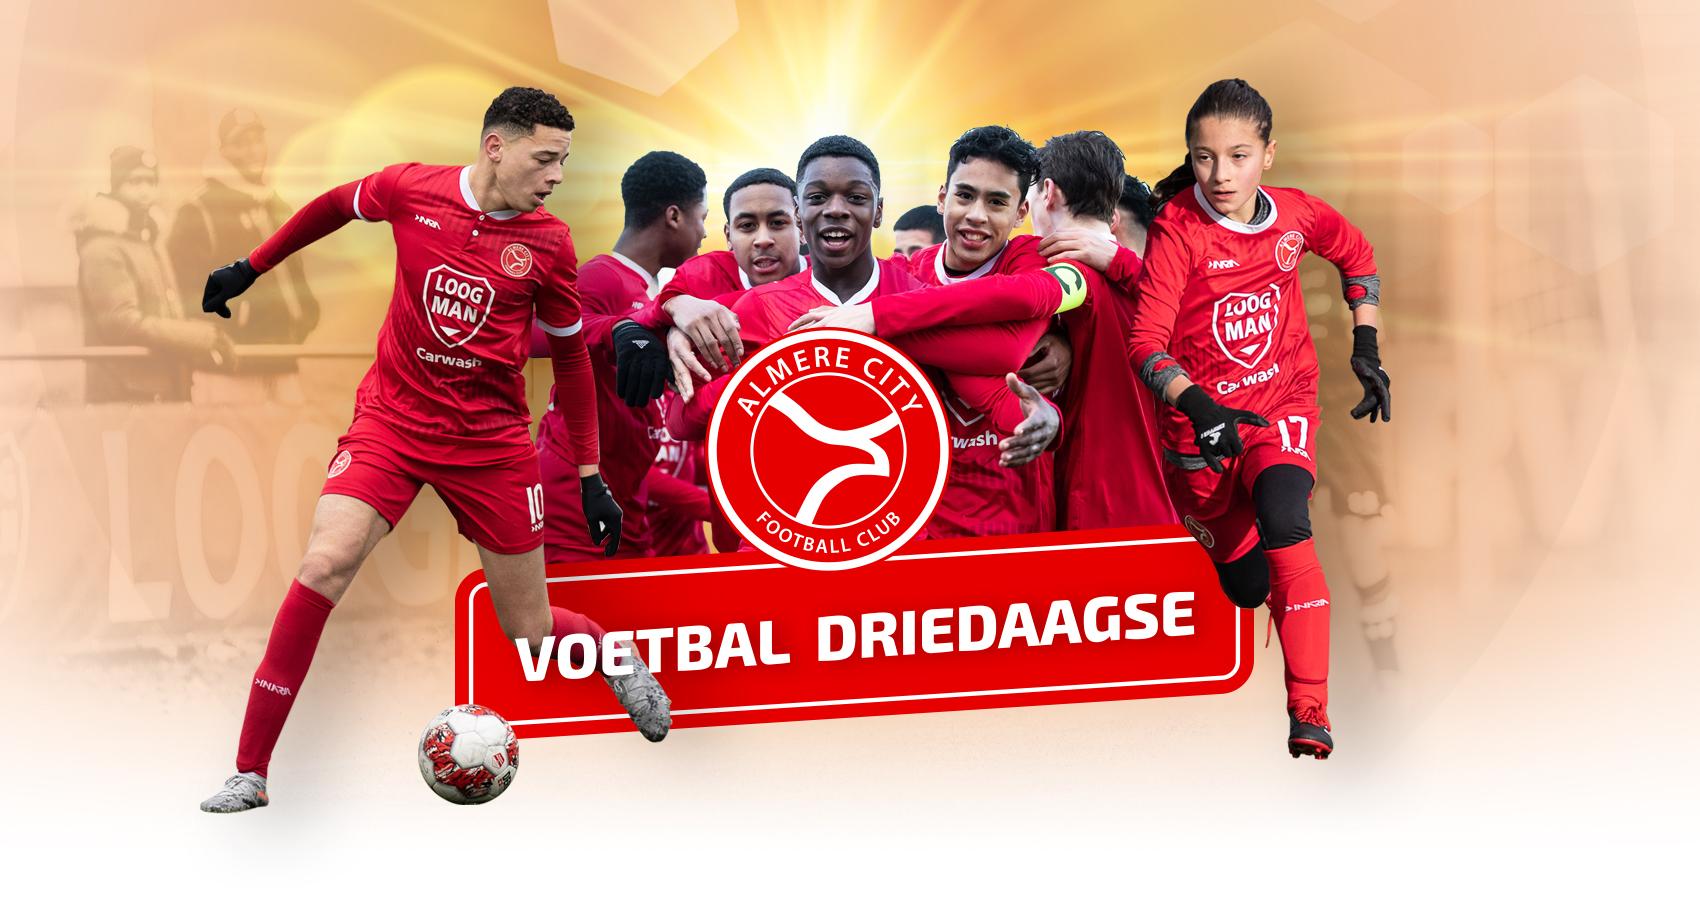 Schrijf je in voor de Voetbal Driedaagse!